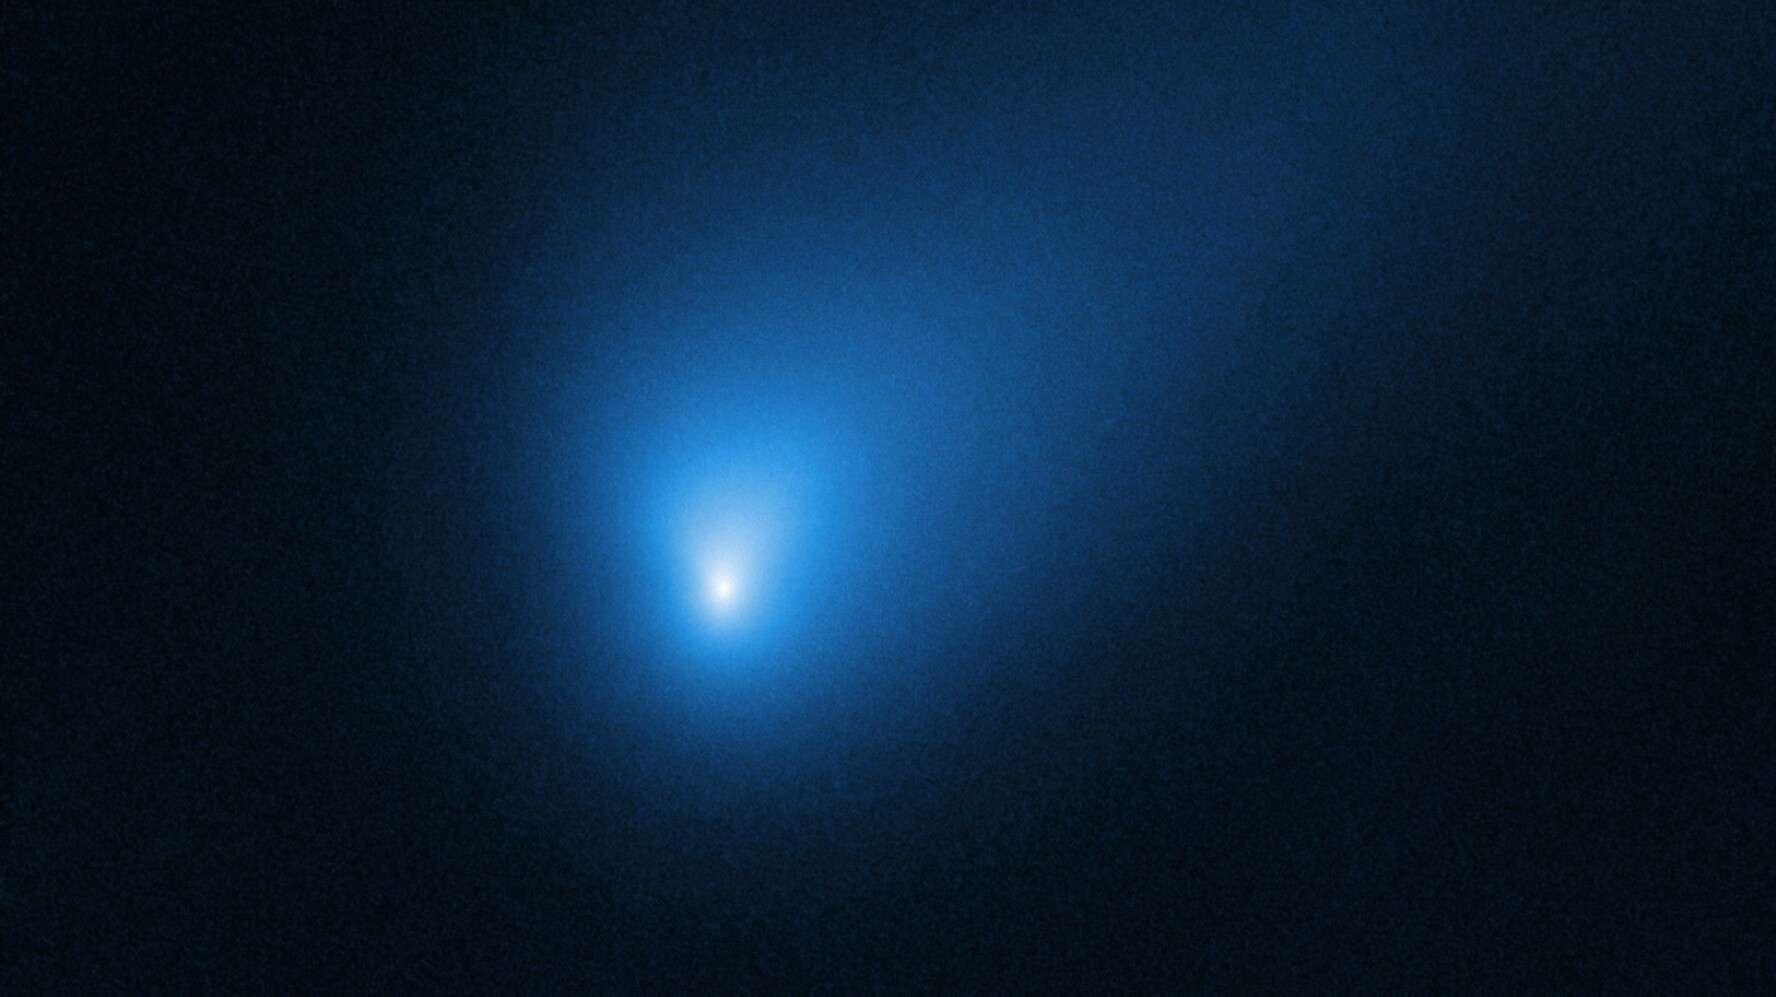 Le 12 octobre 2019, le télescope spatial Hubble a observé la comète 2I/Borisov, alors à une distance d'environ 420 millions de kilomètres de la Terre. On pense que la comète est arrivée d'un autre système planétaire situé ailleurs dans notre Galaxie. © Nasa, ESA, D. Jewitt (UCLA)